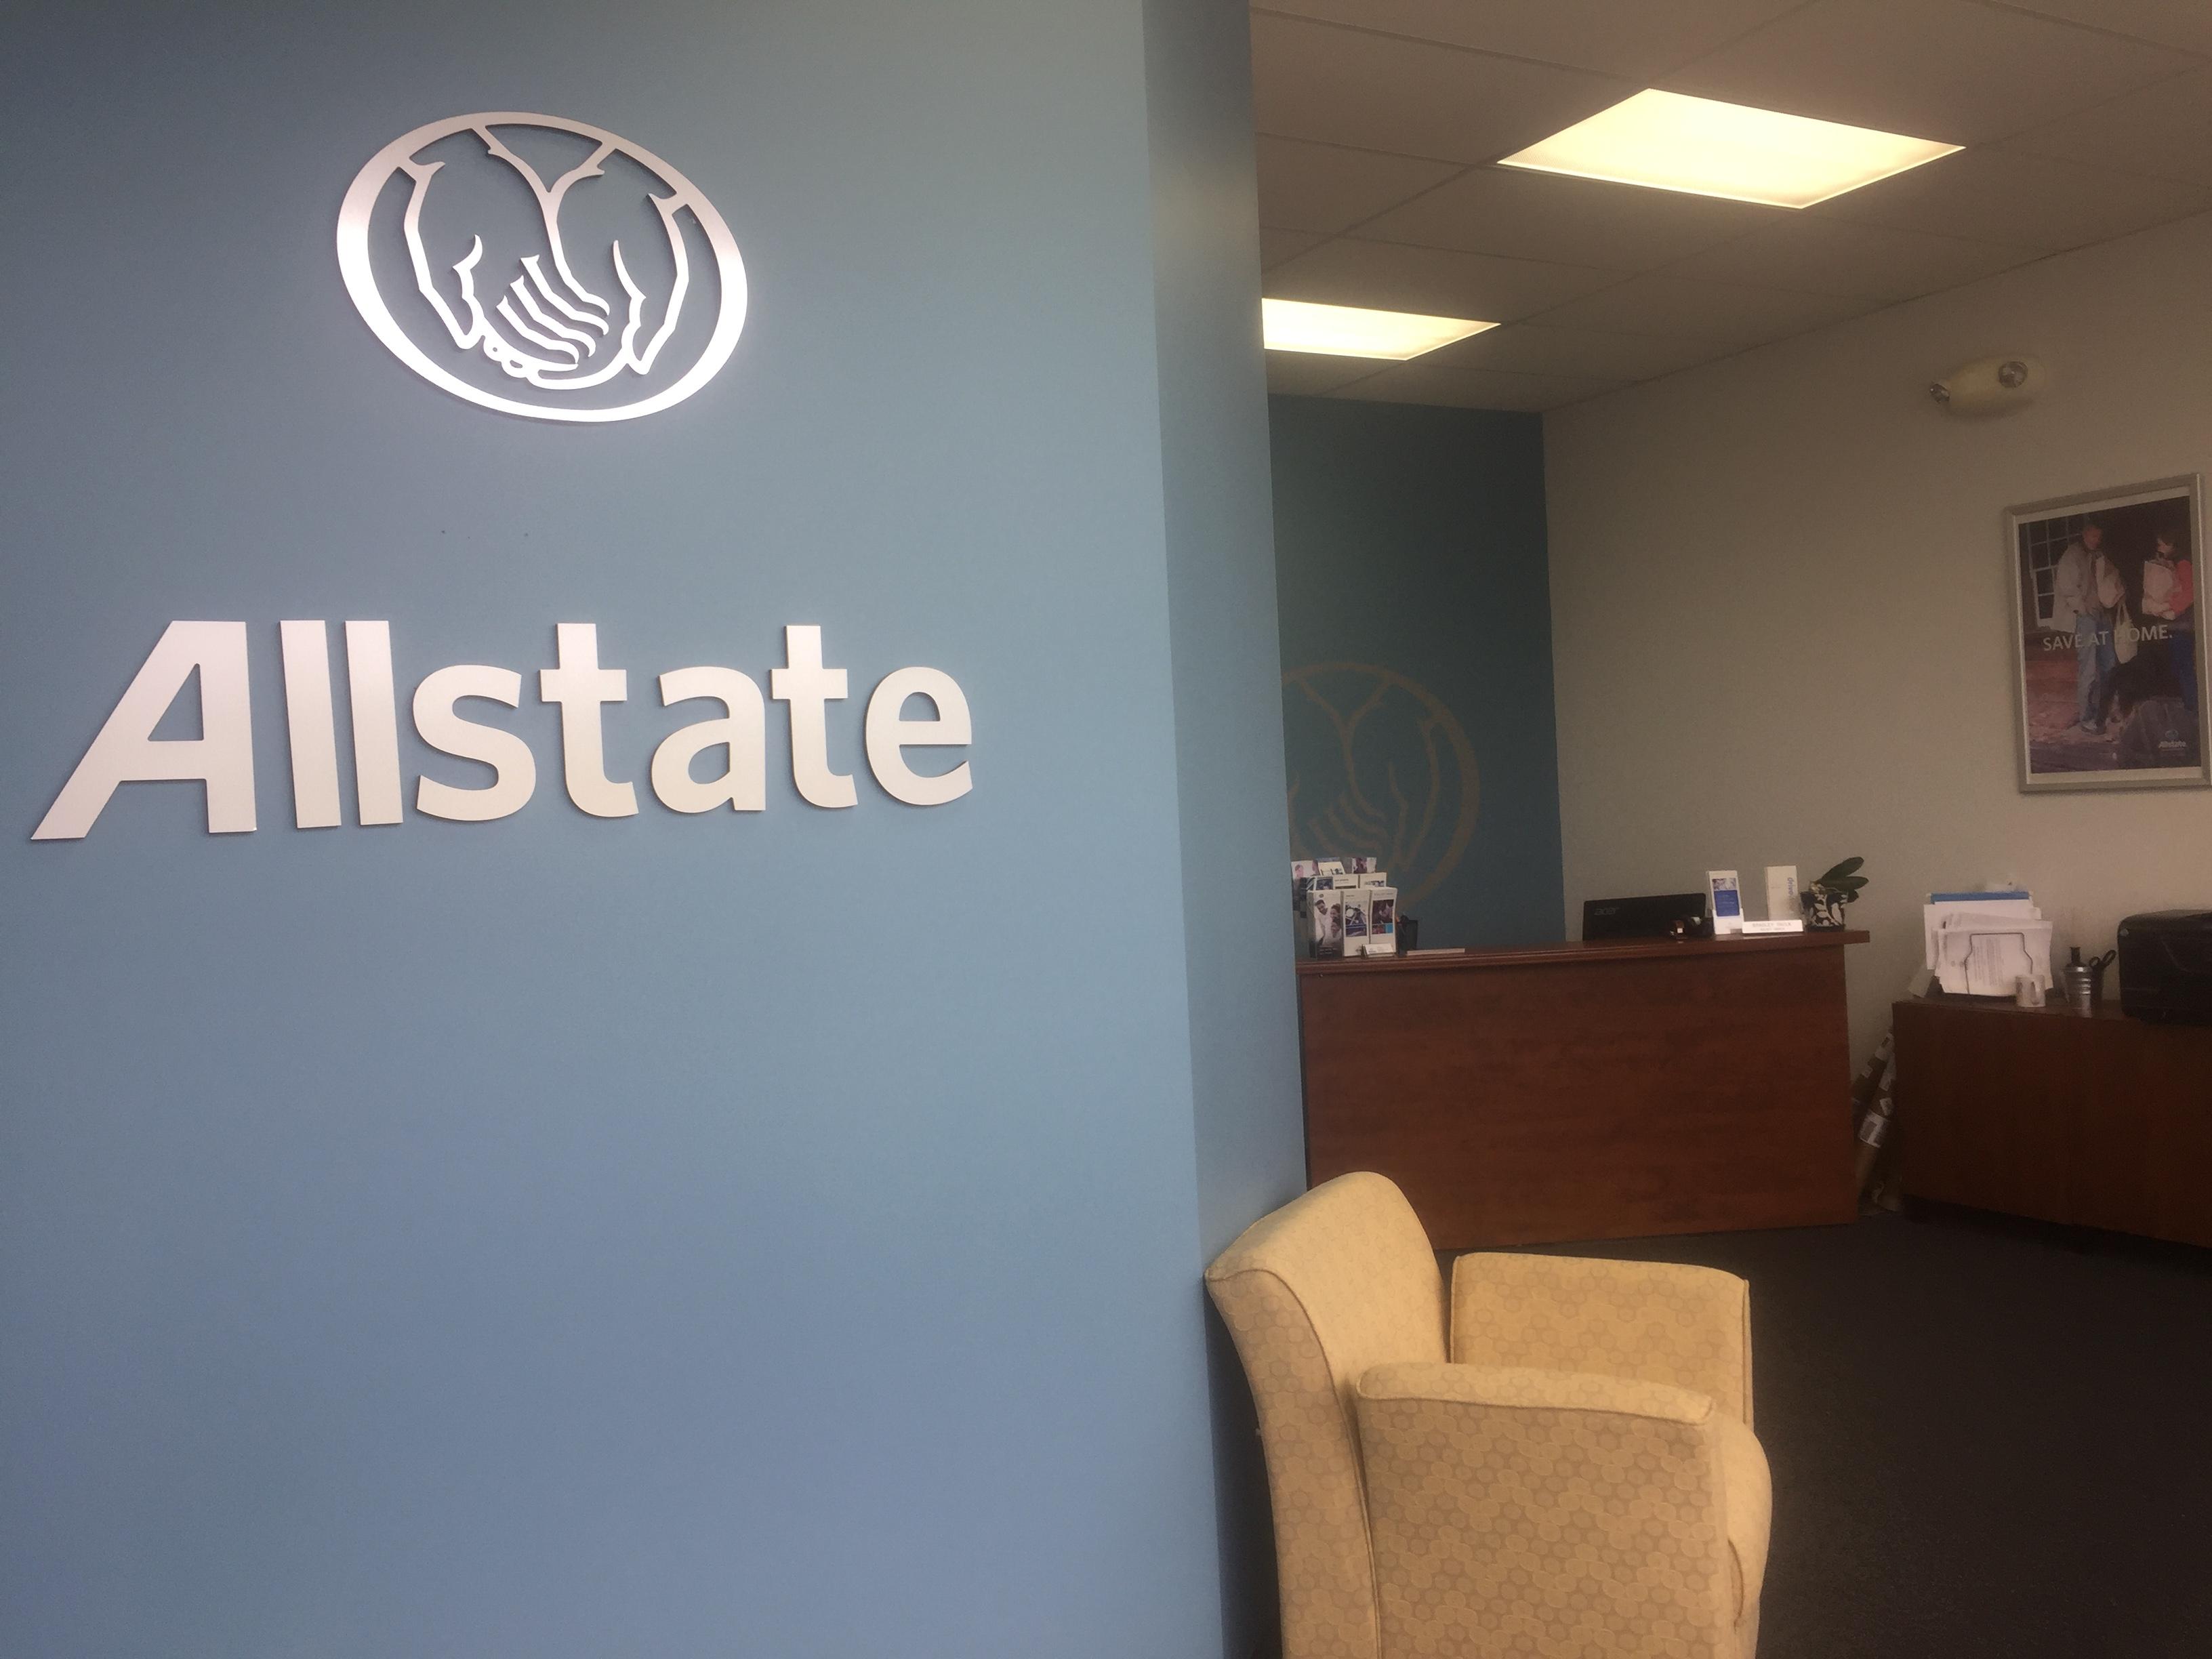 Brad Faulk: Allstate Insurance image 1